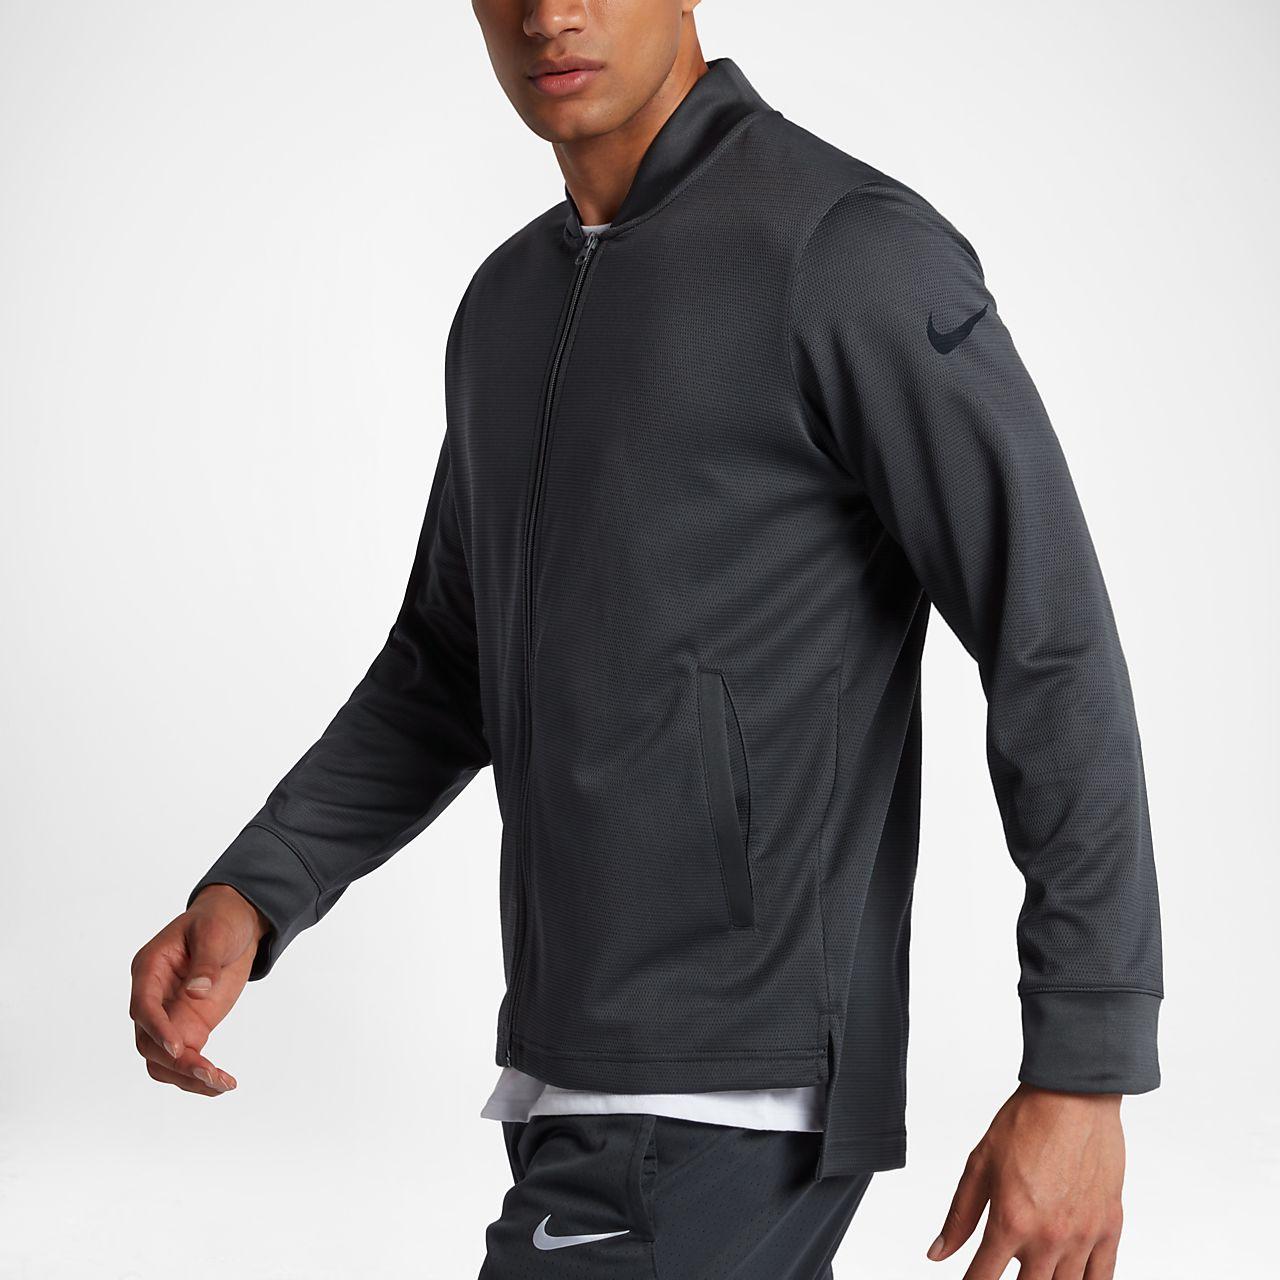 32c87b816723 Nike Dri-FIT Men s Basketball Jacket. Nike.com